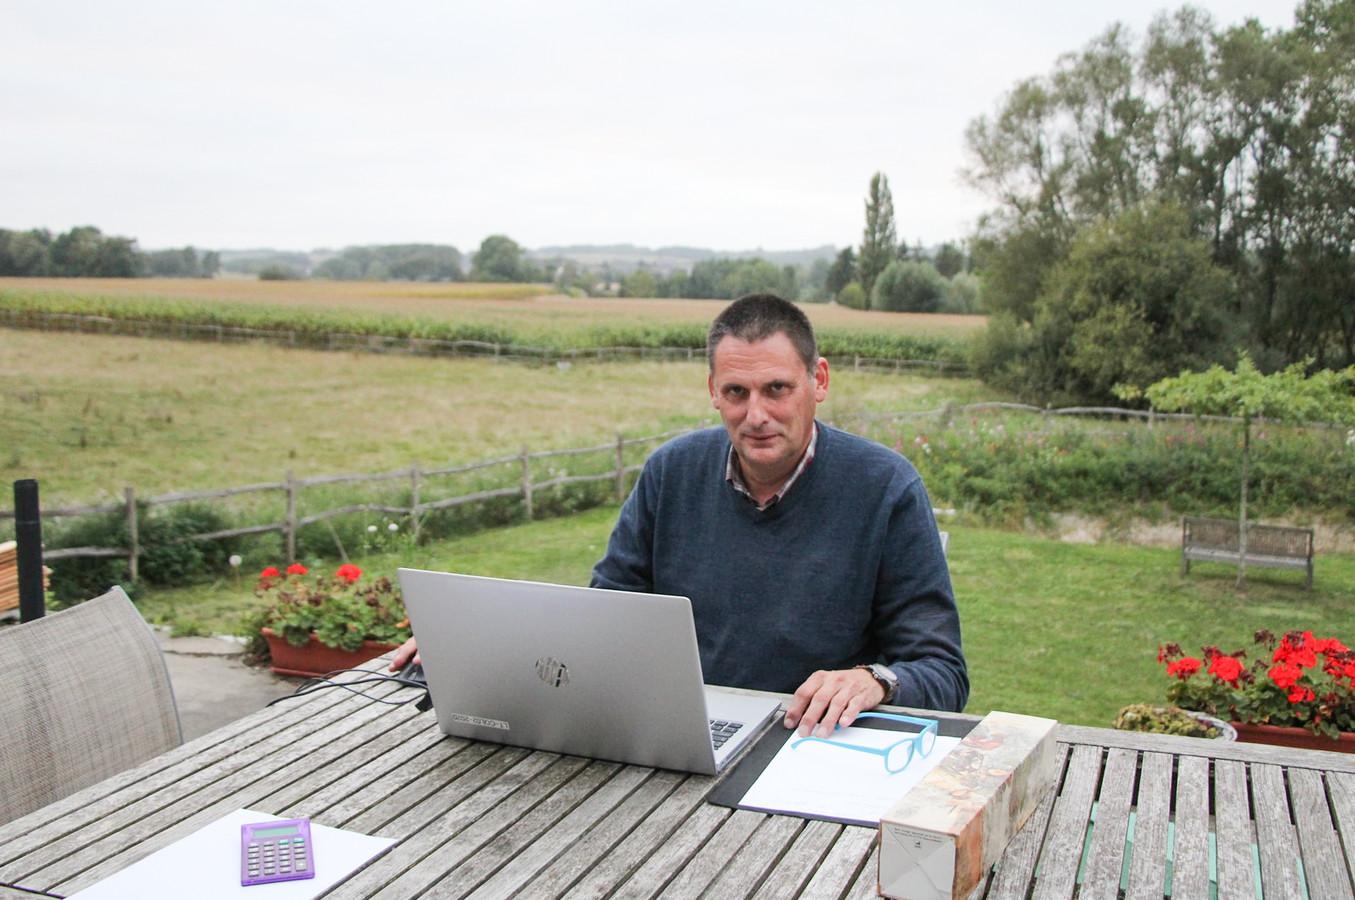 Peter Vanderstuyf op het terras dat de vorige eigenaar van het huis illegaal heeft aangelegd.